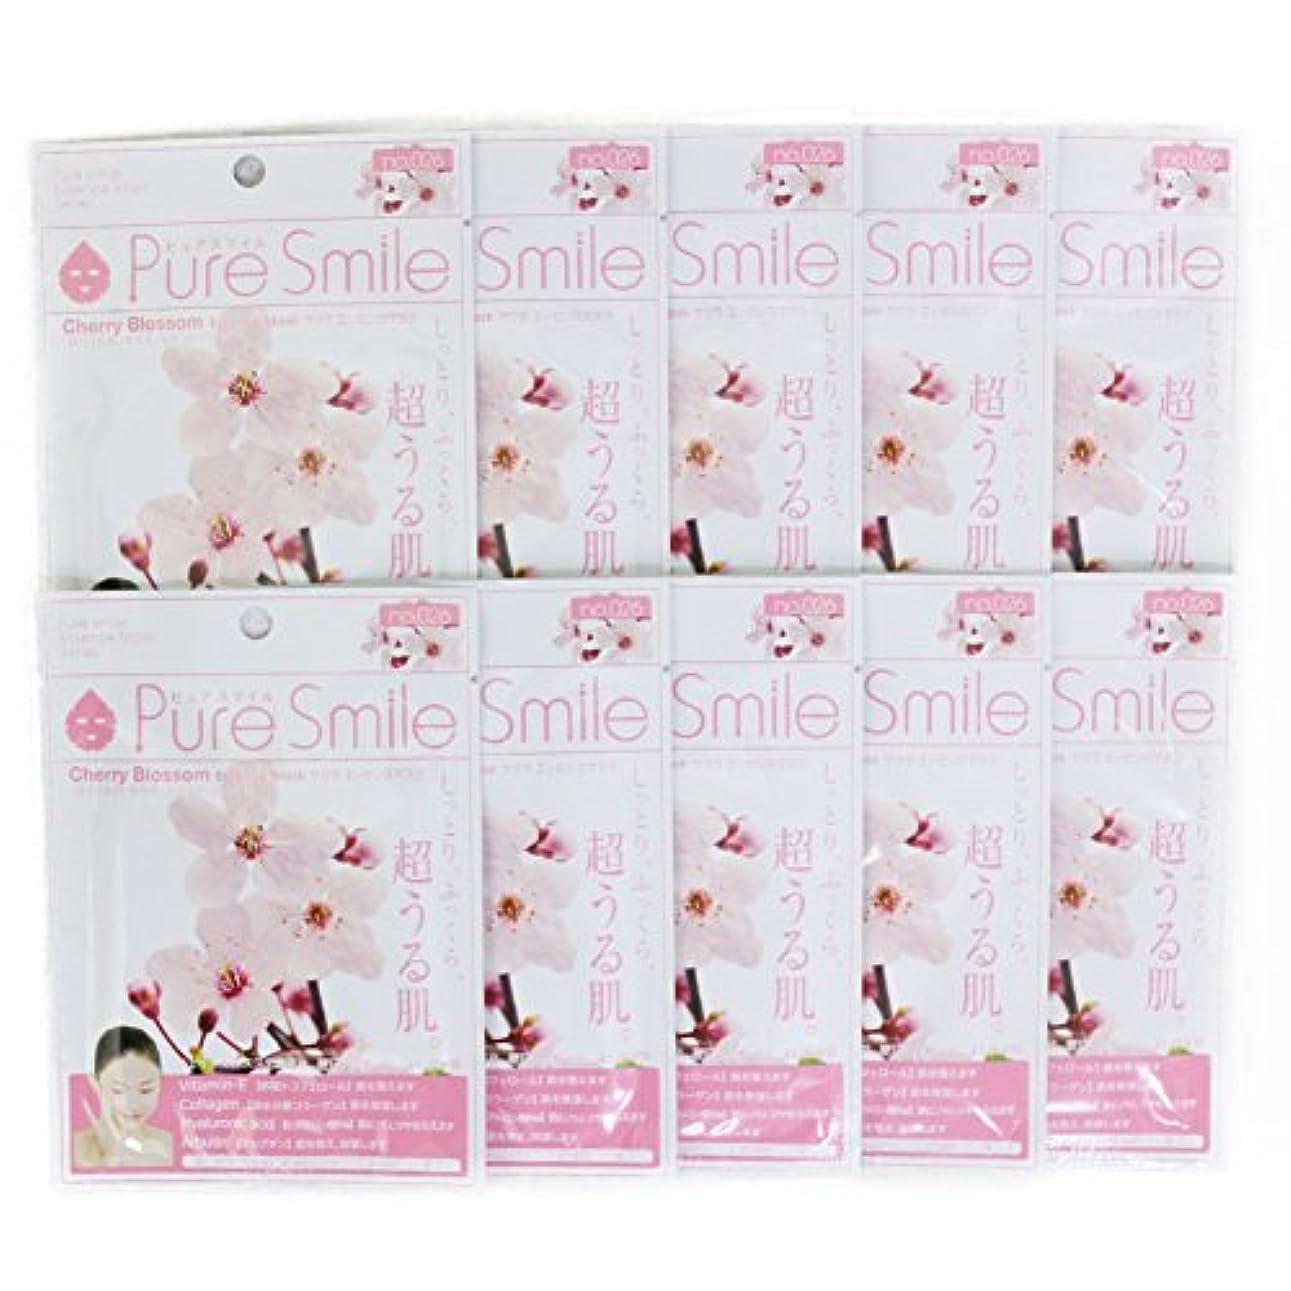 地雷原顕著召集するPure Smile ピュアスマイル エッセンスマスク サクラ 10枚セット